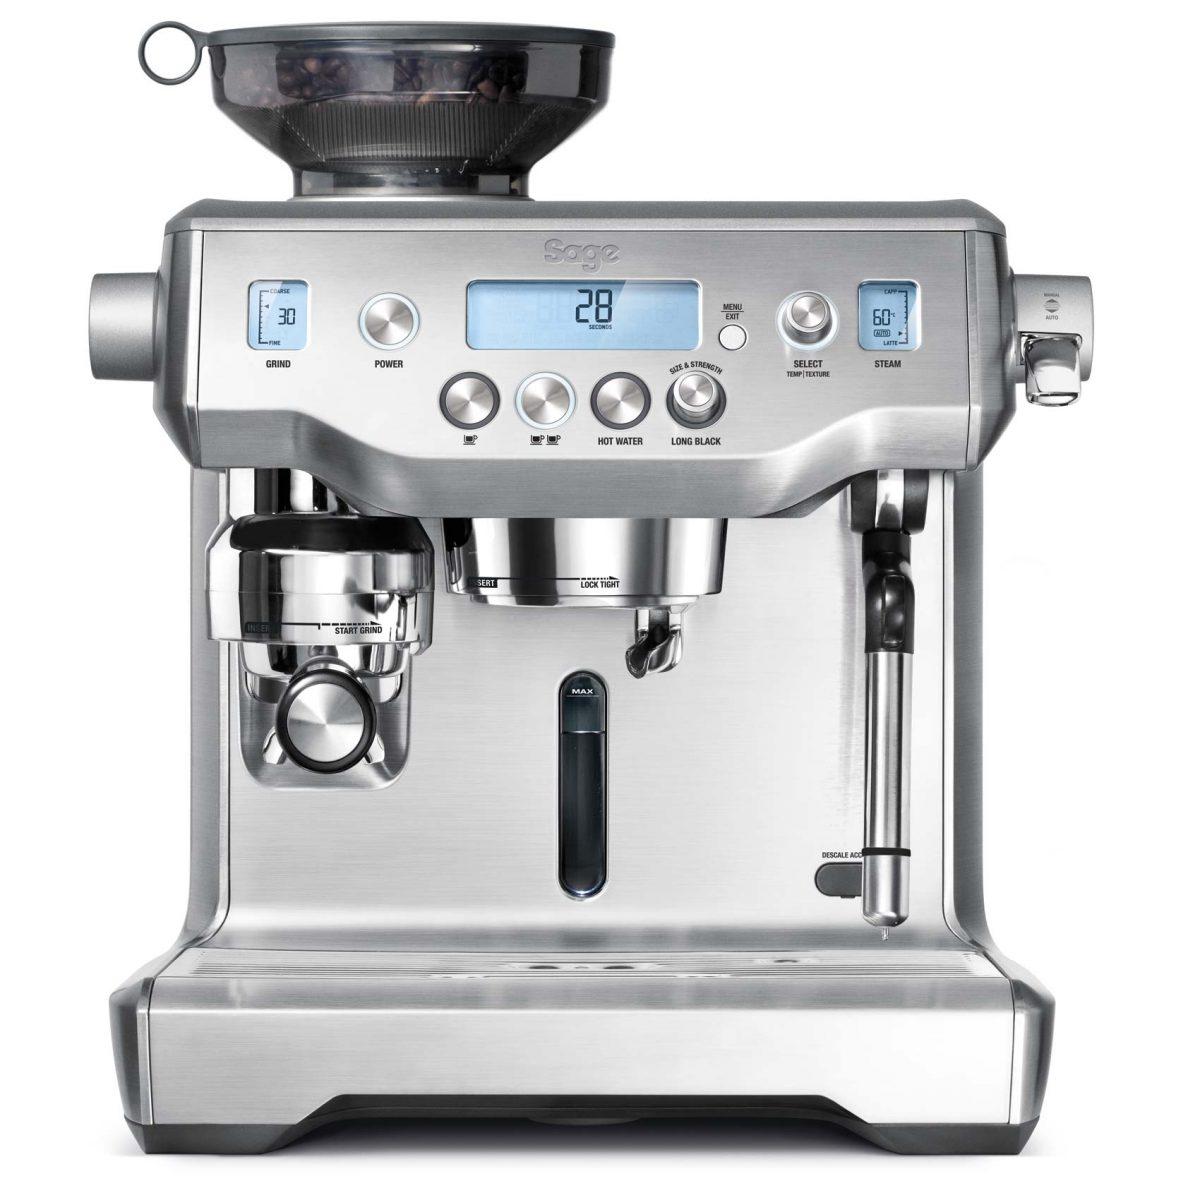 Pákové espresso Oracle, cenově za téměř 53.000 Kč